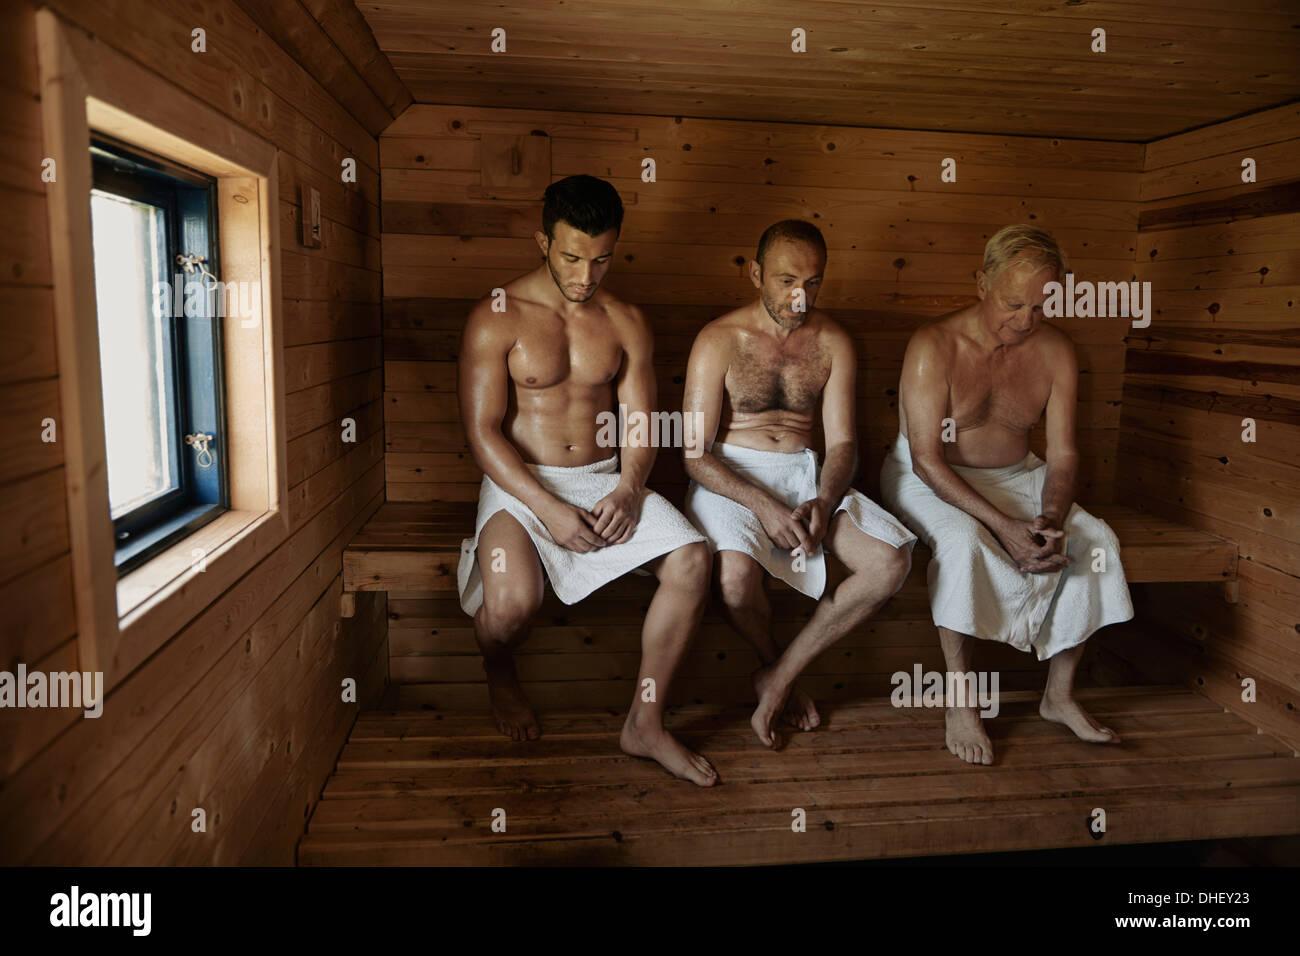 Мужики фото в бане @ m1bar.com